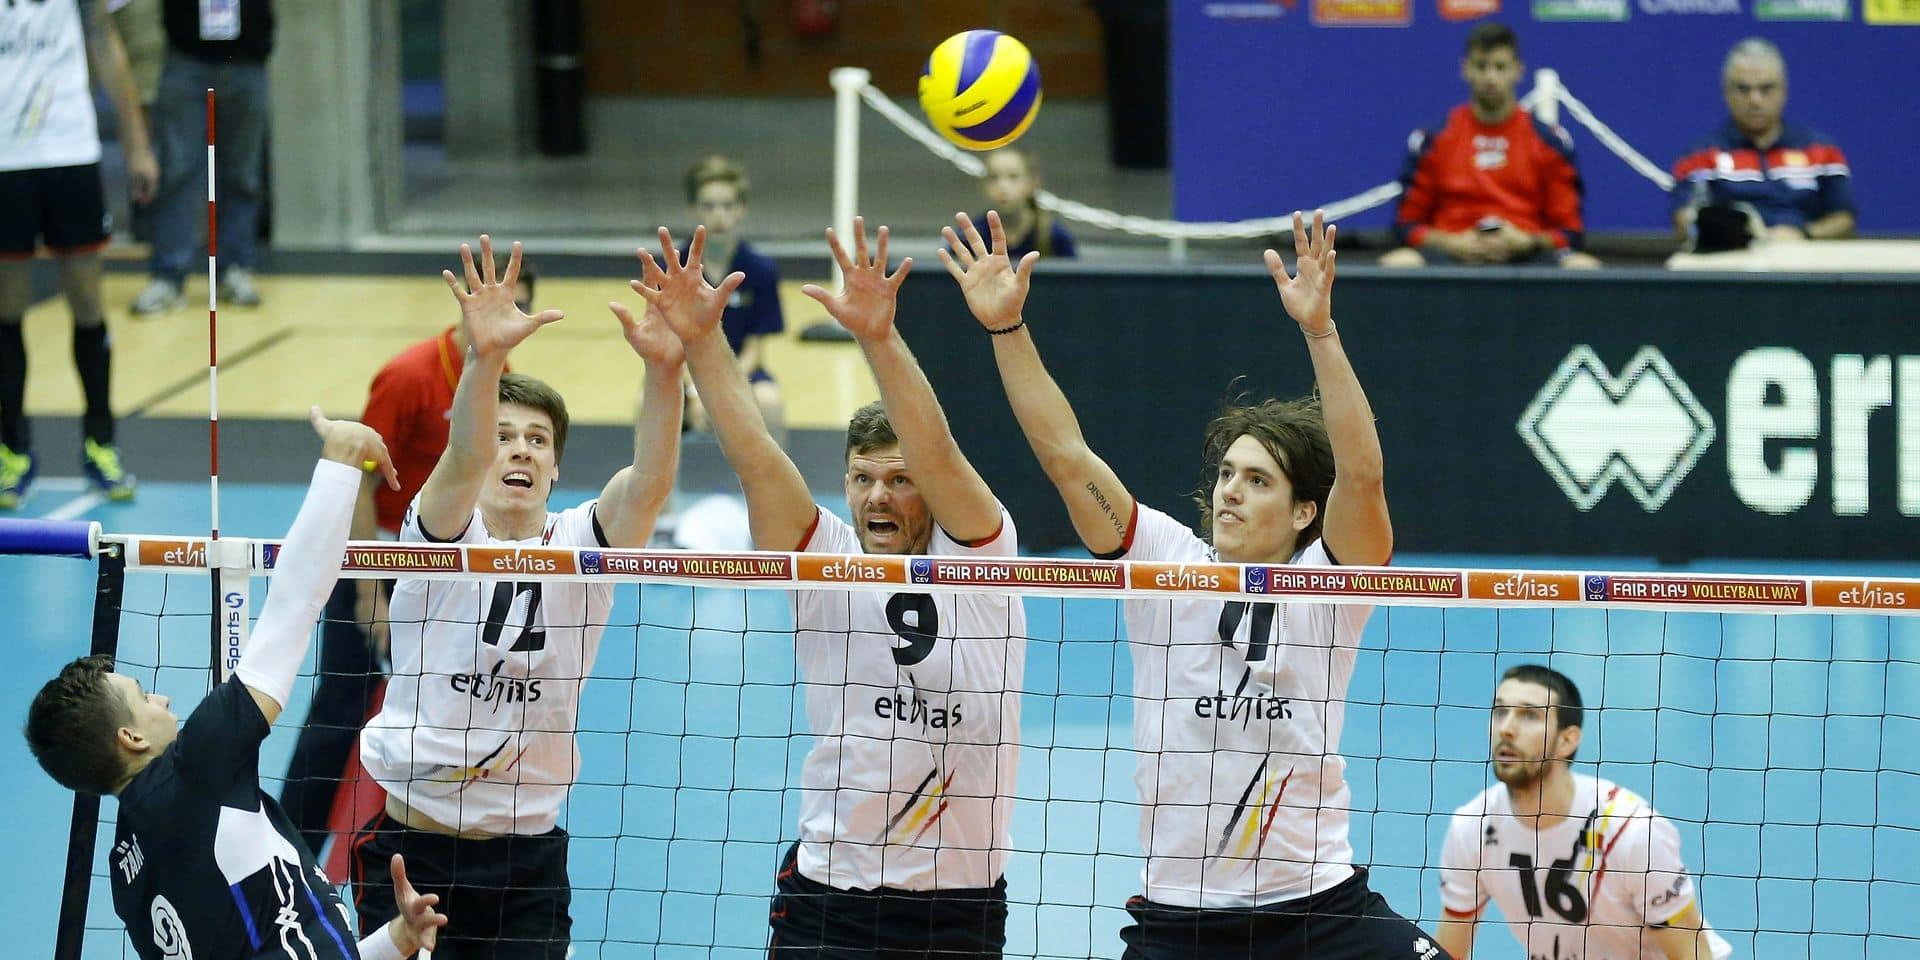 Mondial de volley: Les Red Dragons déjà éliminés avant la rencontre face au Brésil